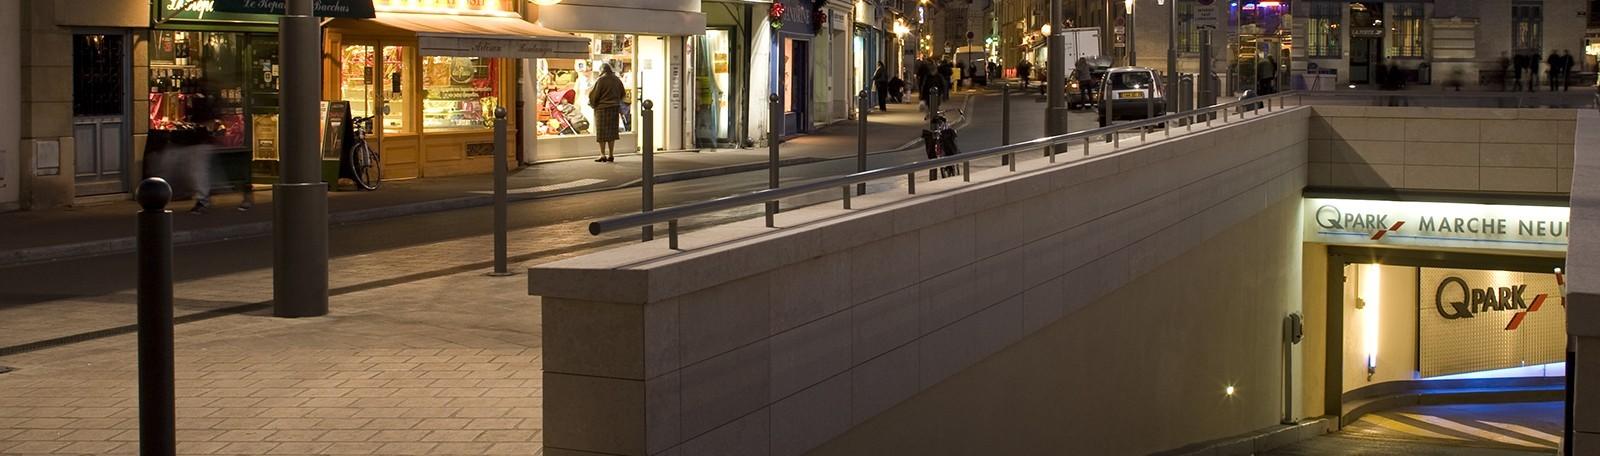 Parking Marché Neuf - Centre-ville - 1 Place du Marché Neuf 78100 Saint Germain en Laye